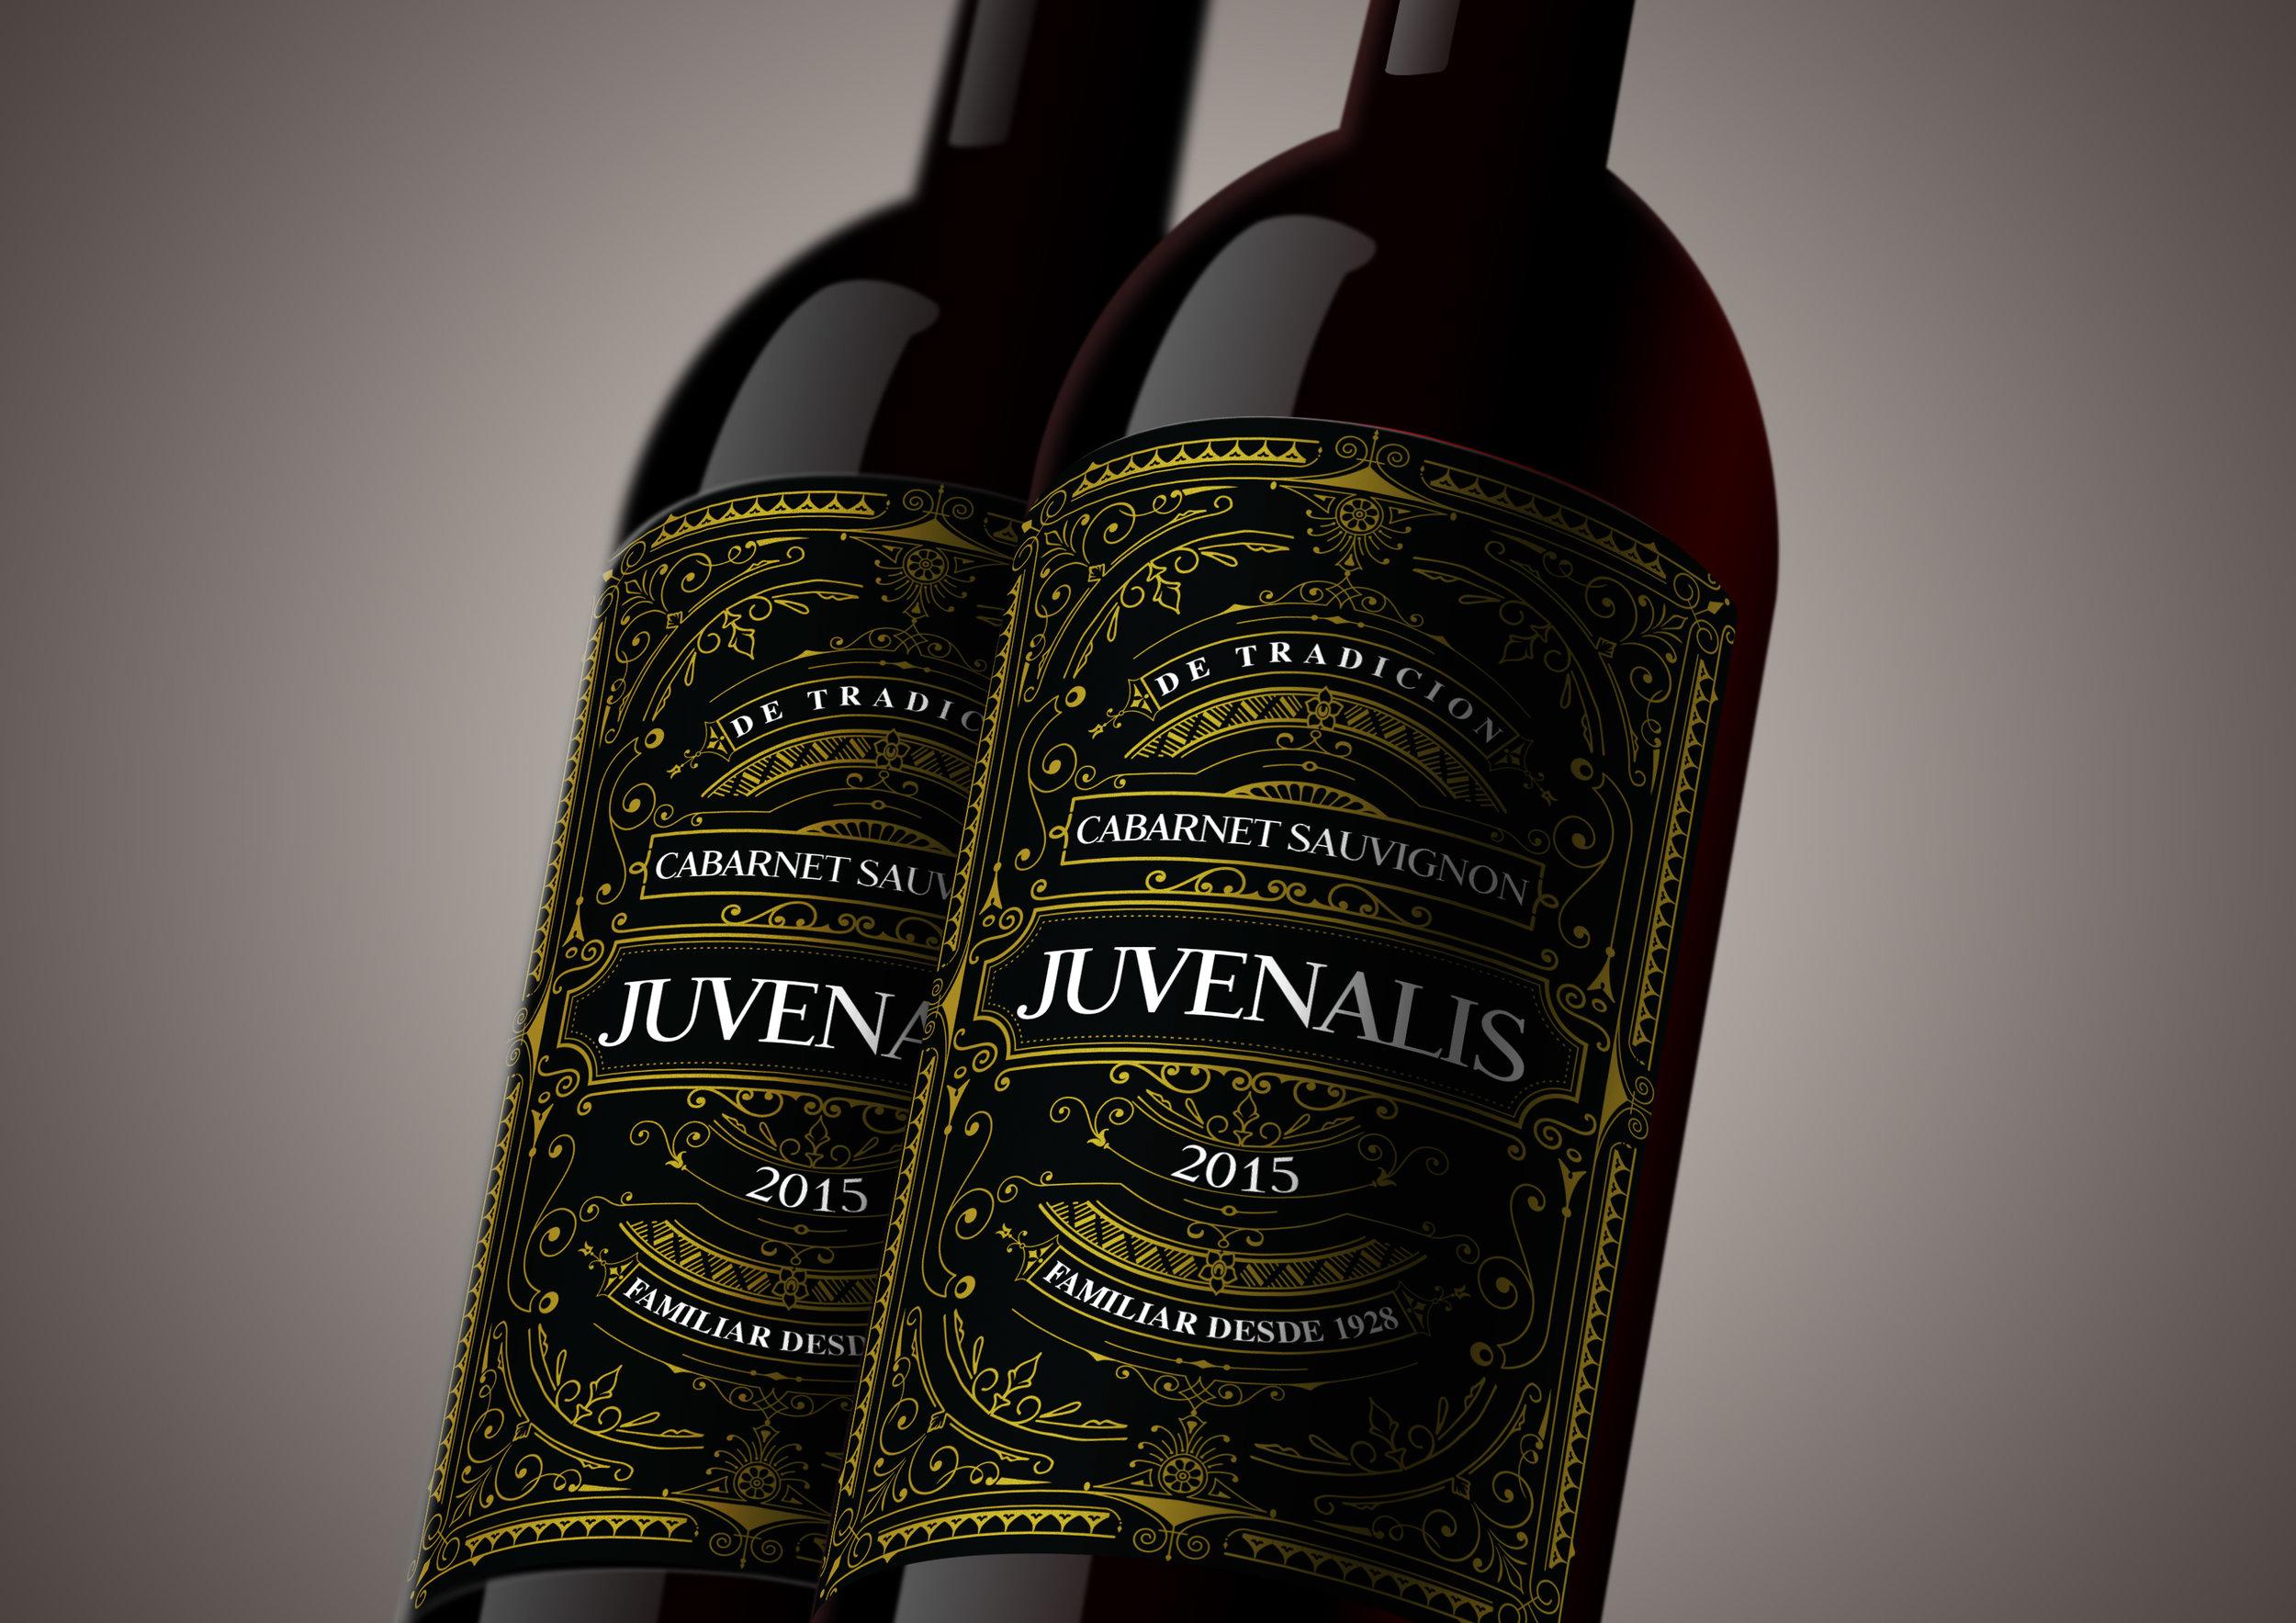 Juvenalis 2 bottle shot.jpg